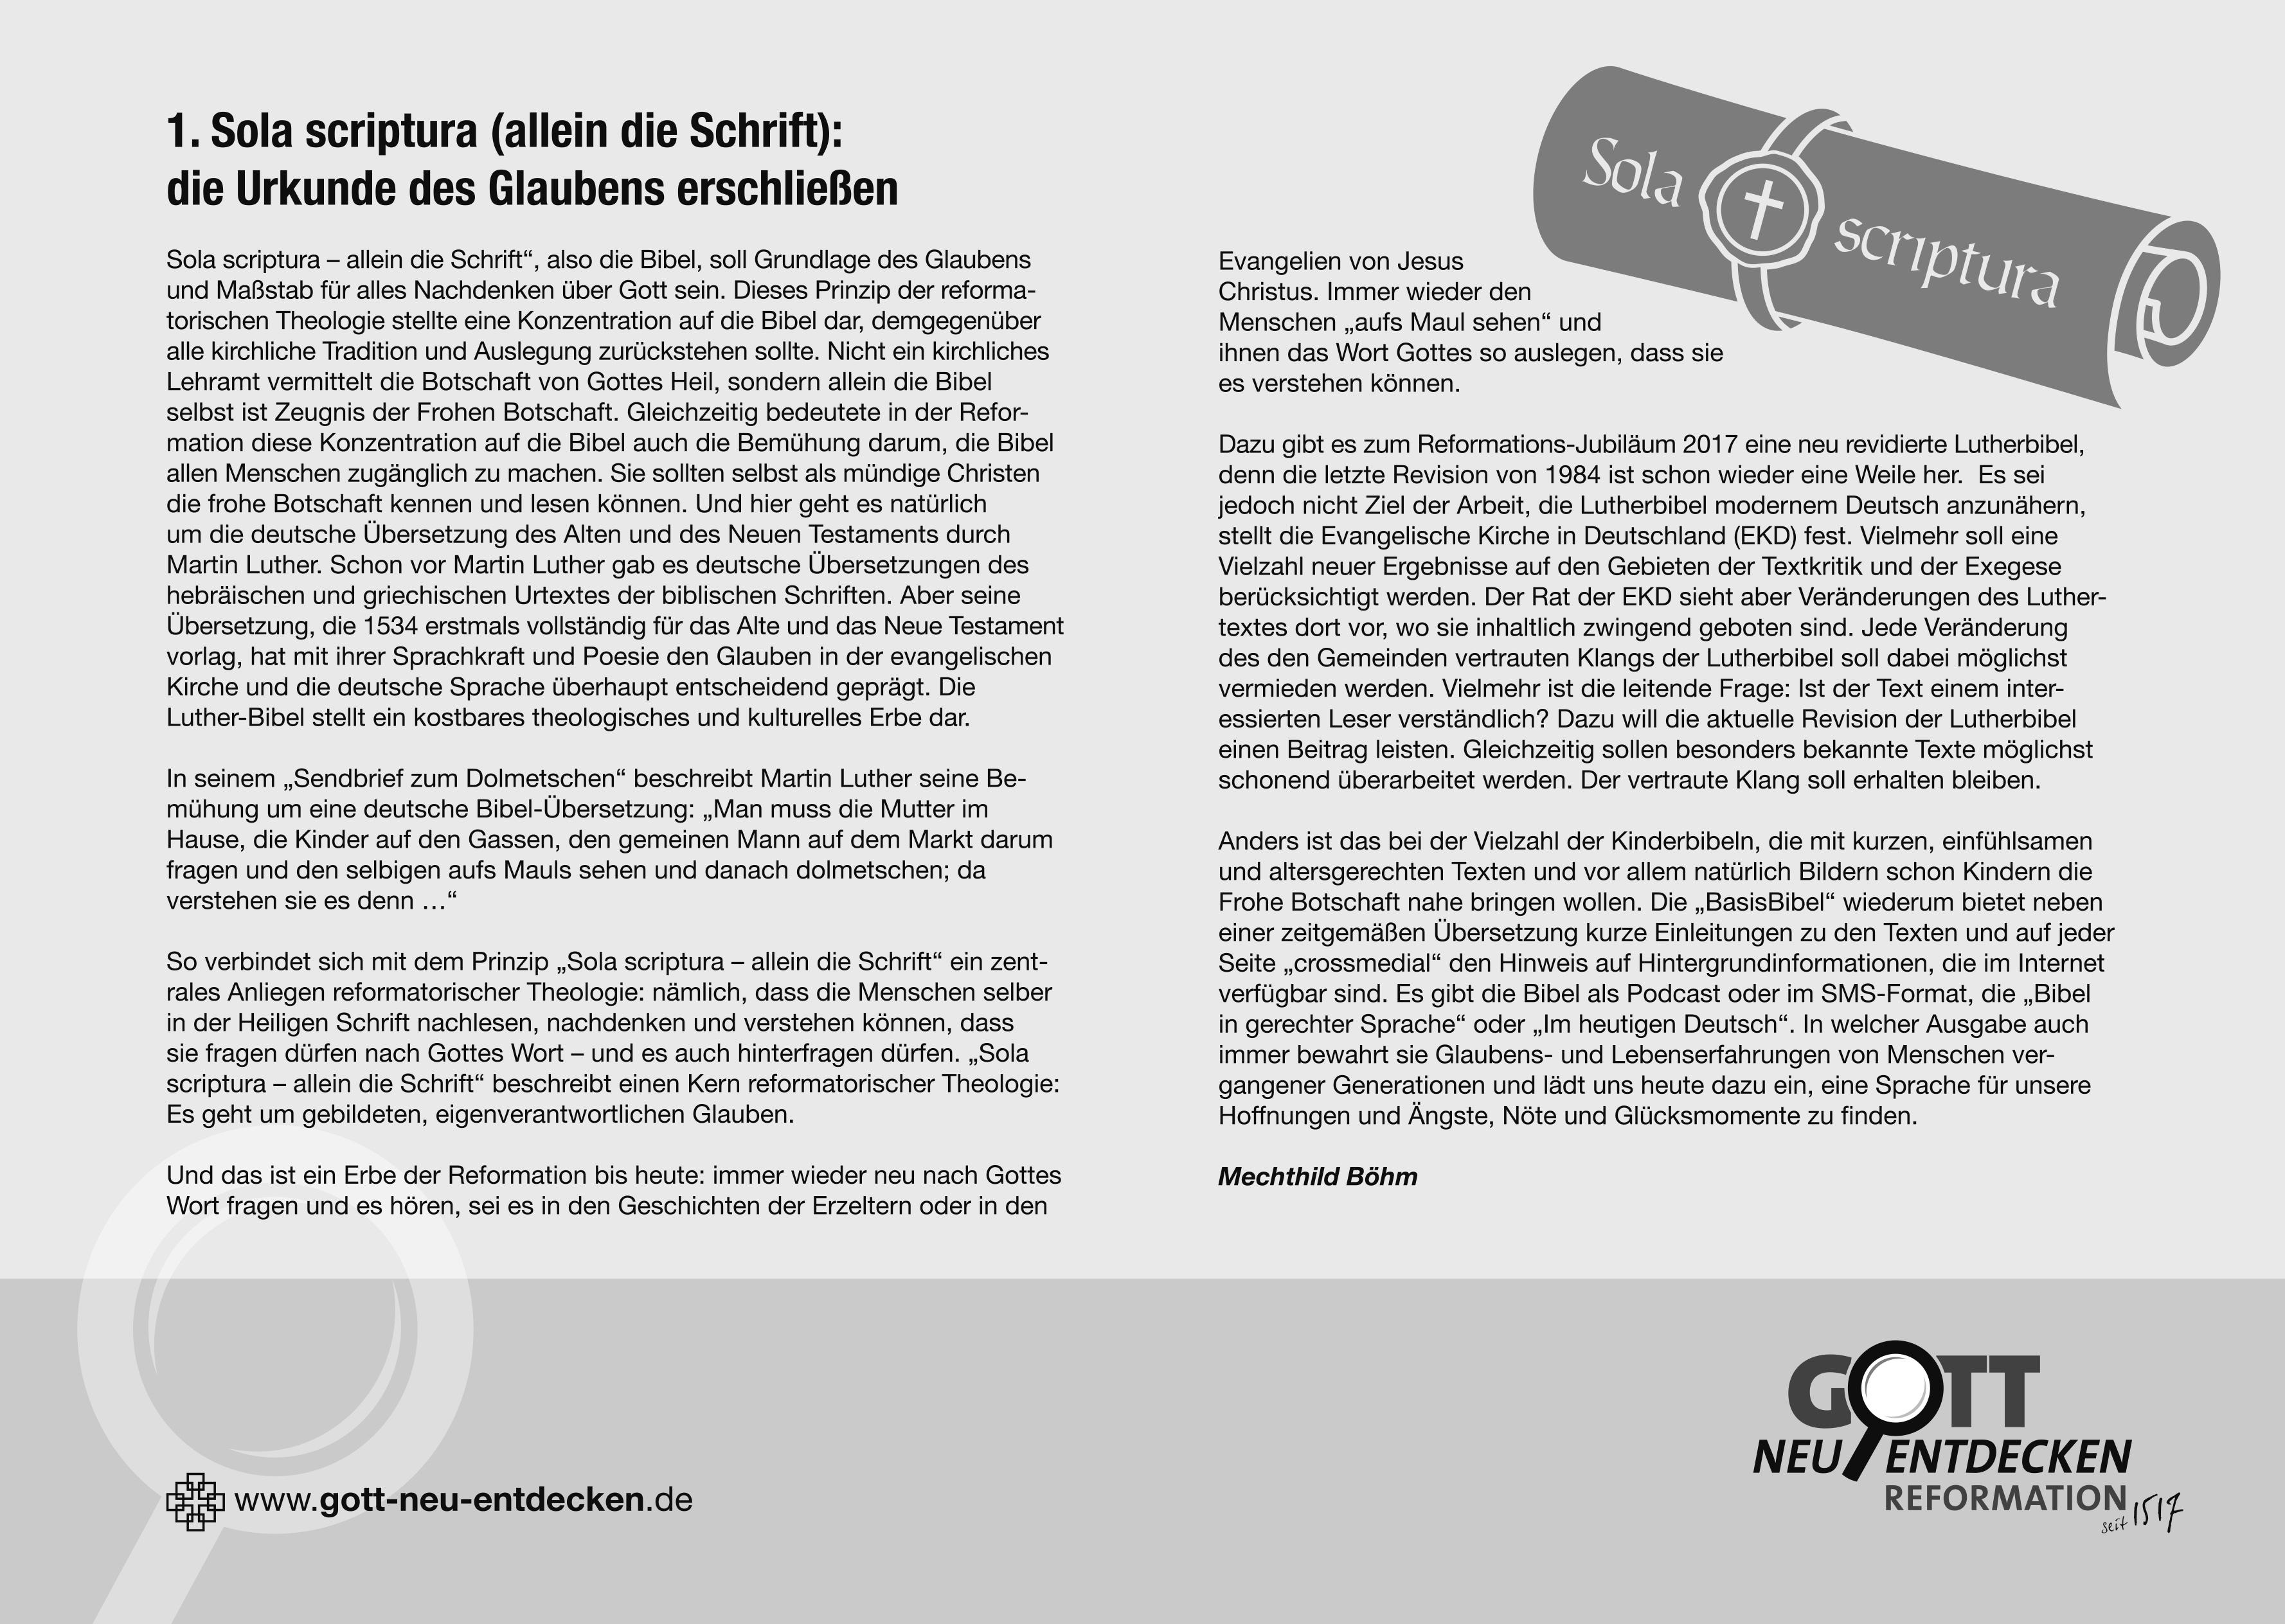 Niedlich Wort Diplom Vorlage Bilder - Bilder für das Lebenslauf ...